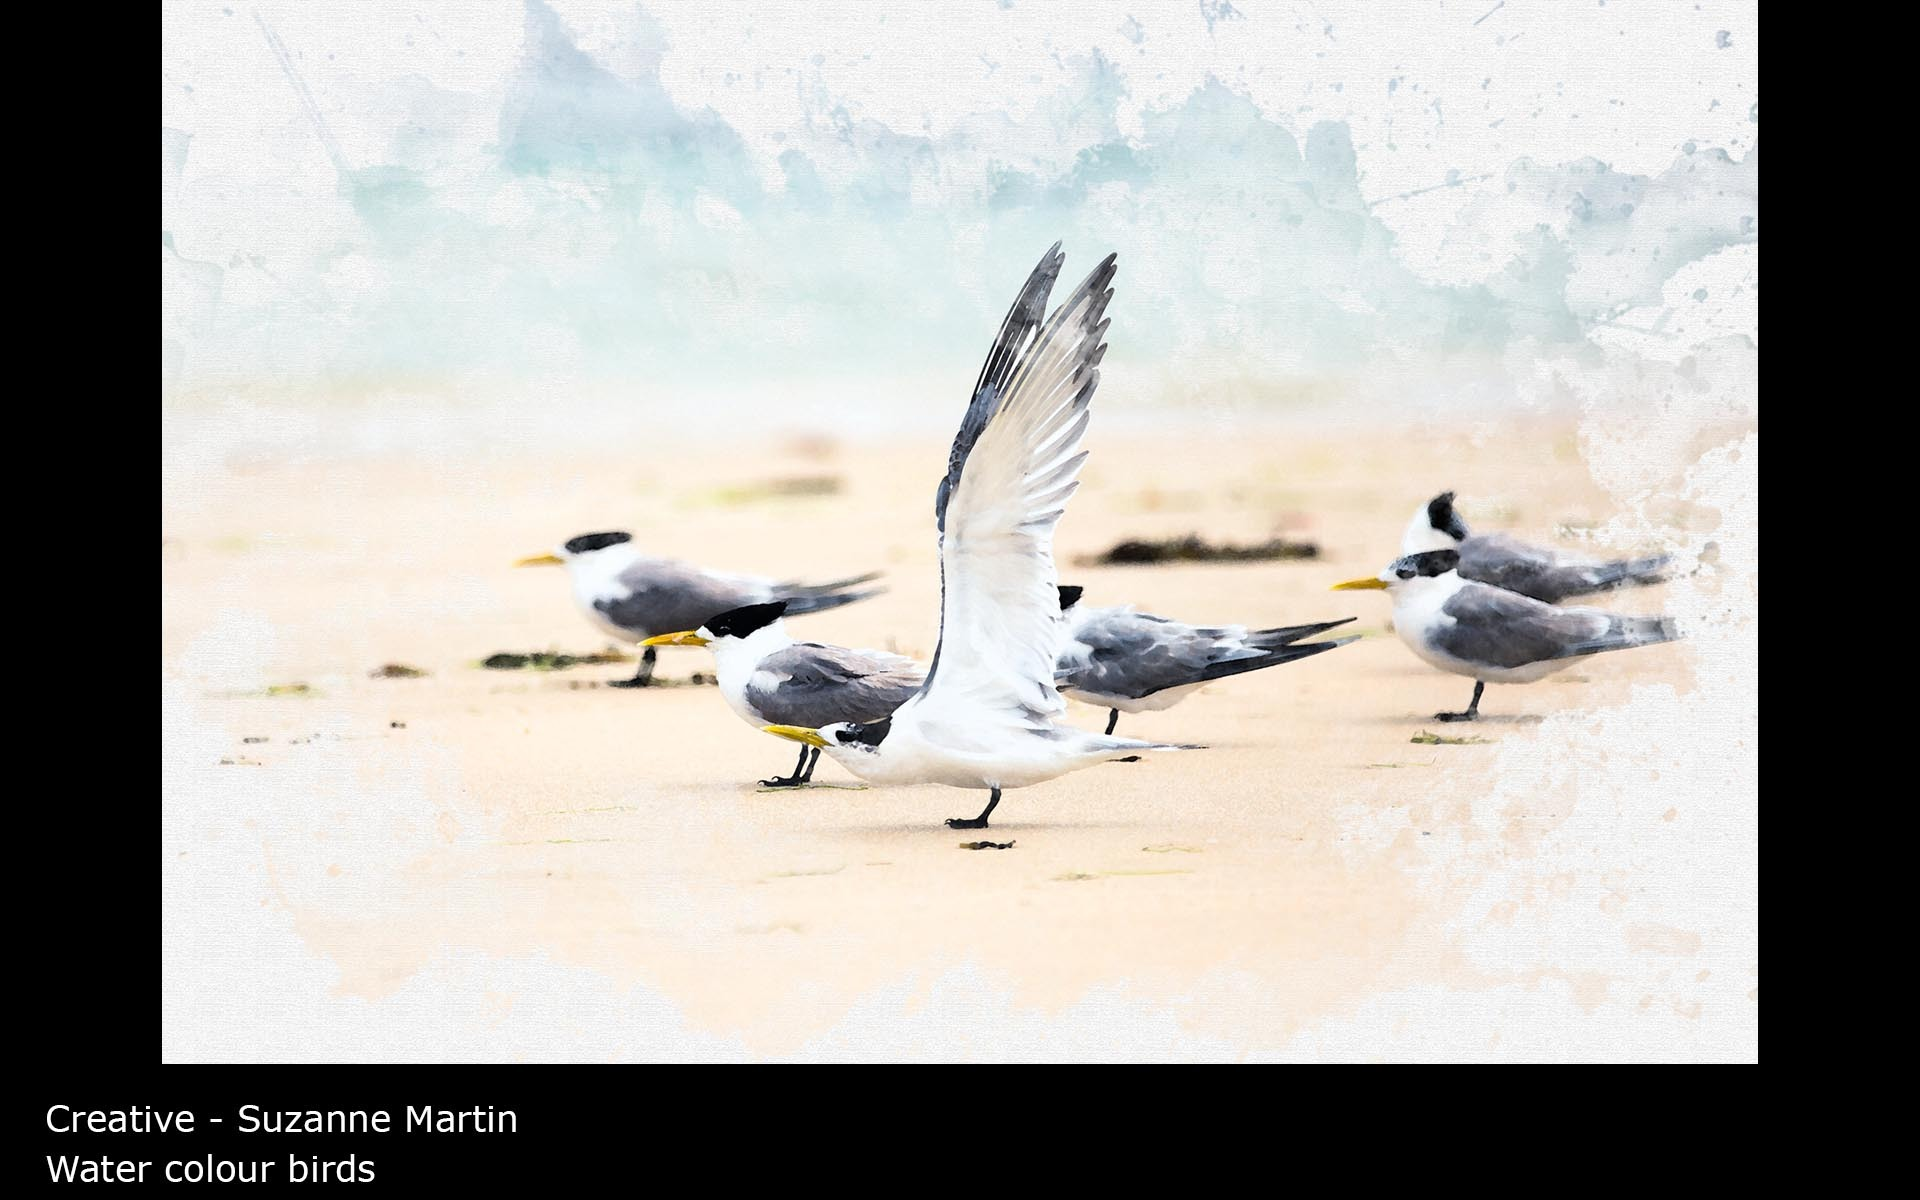 Water colour birds - Suzanne Martin